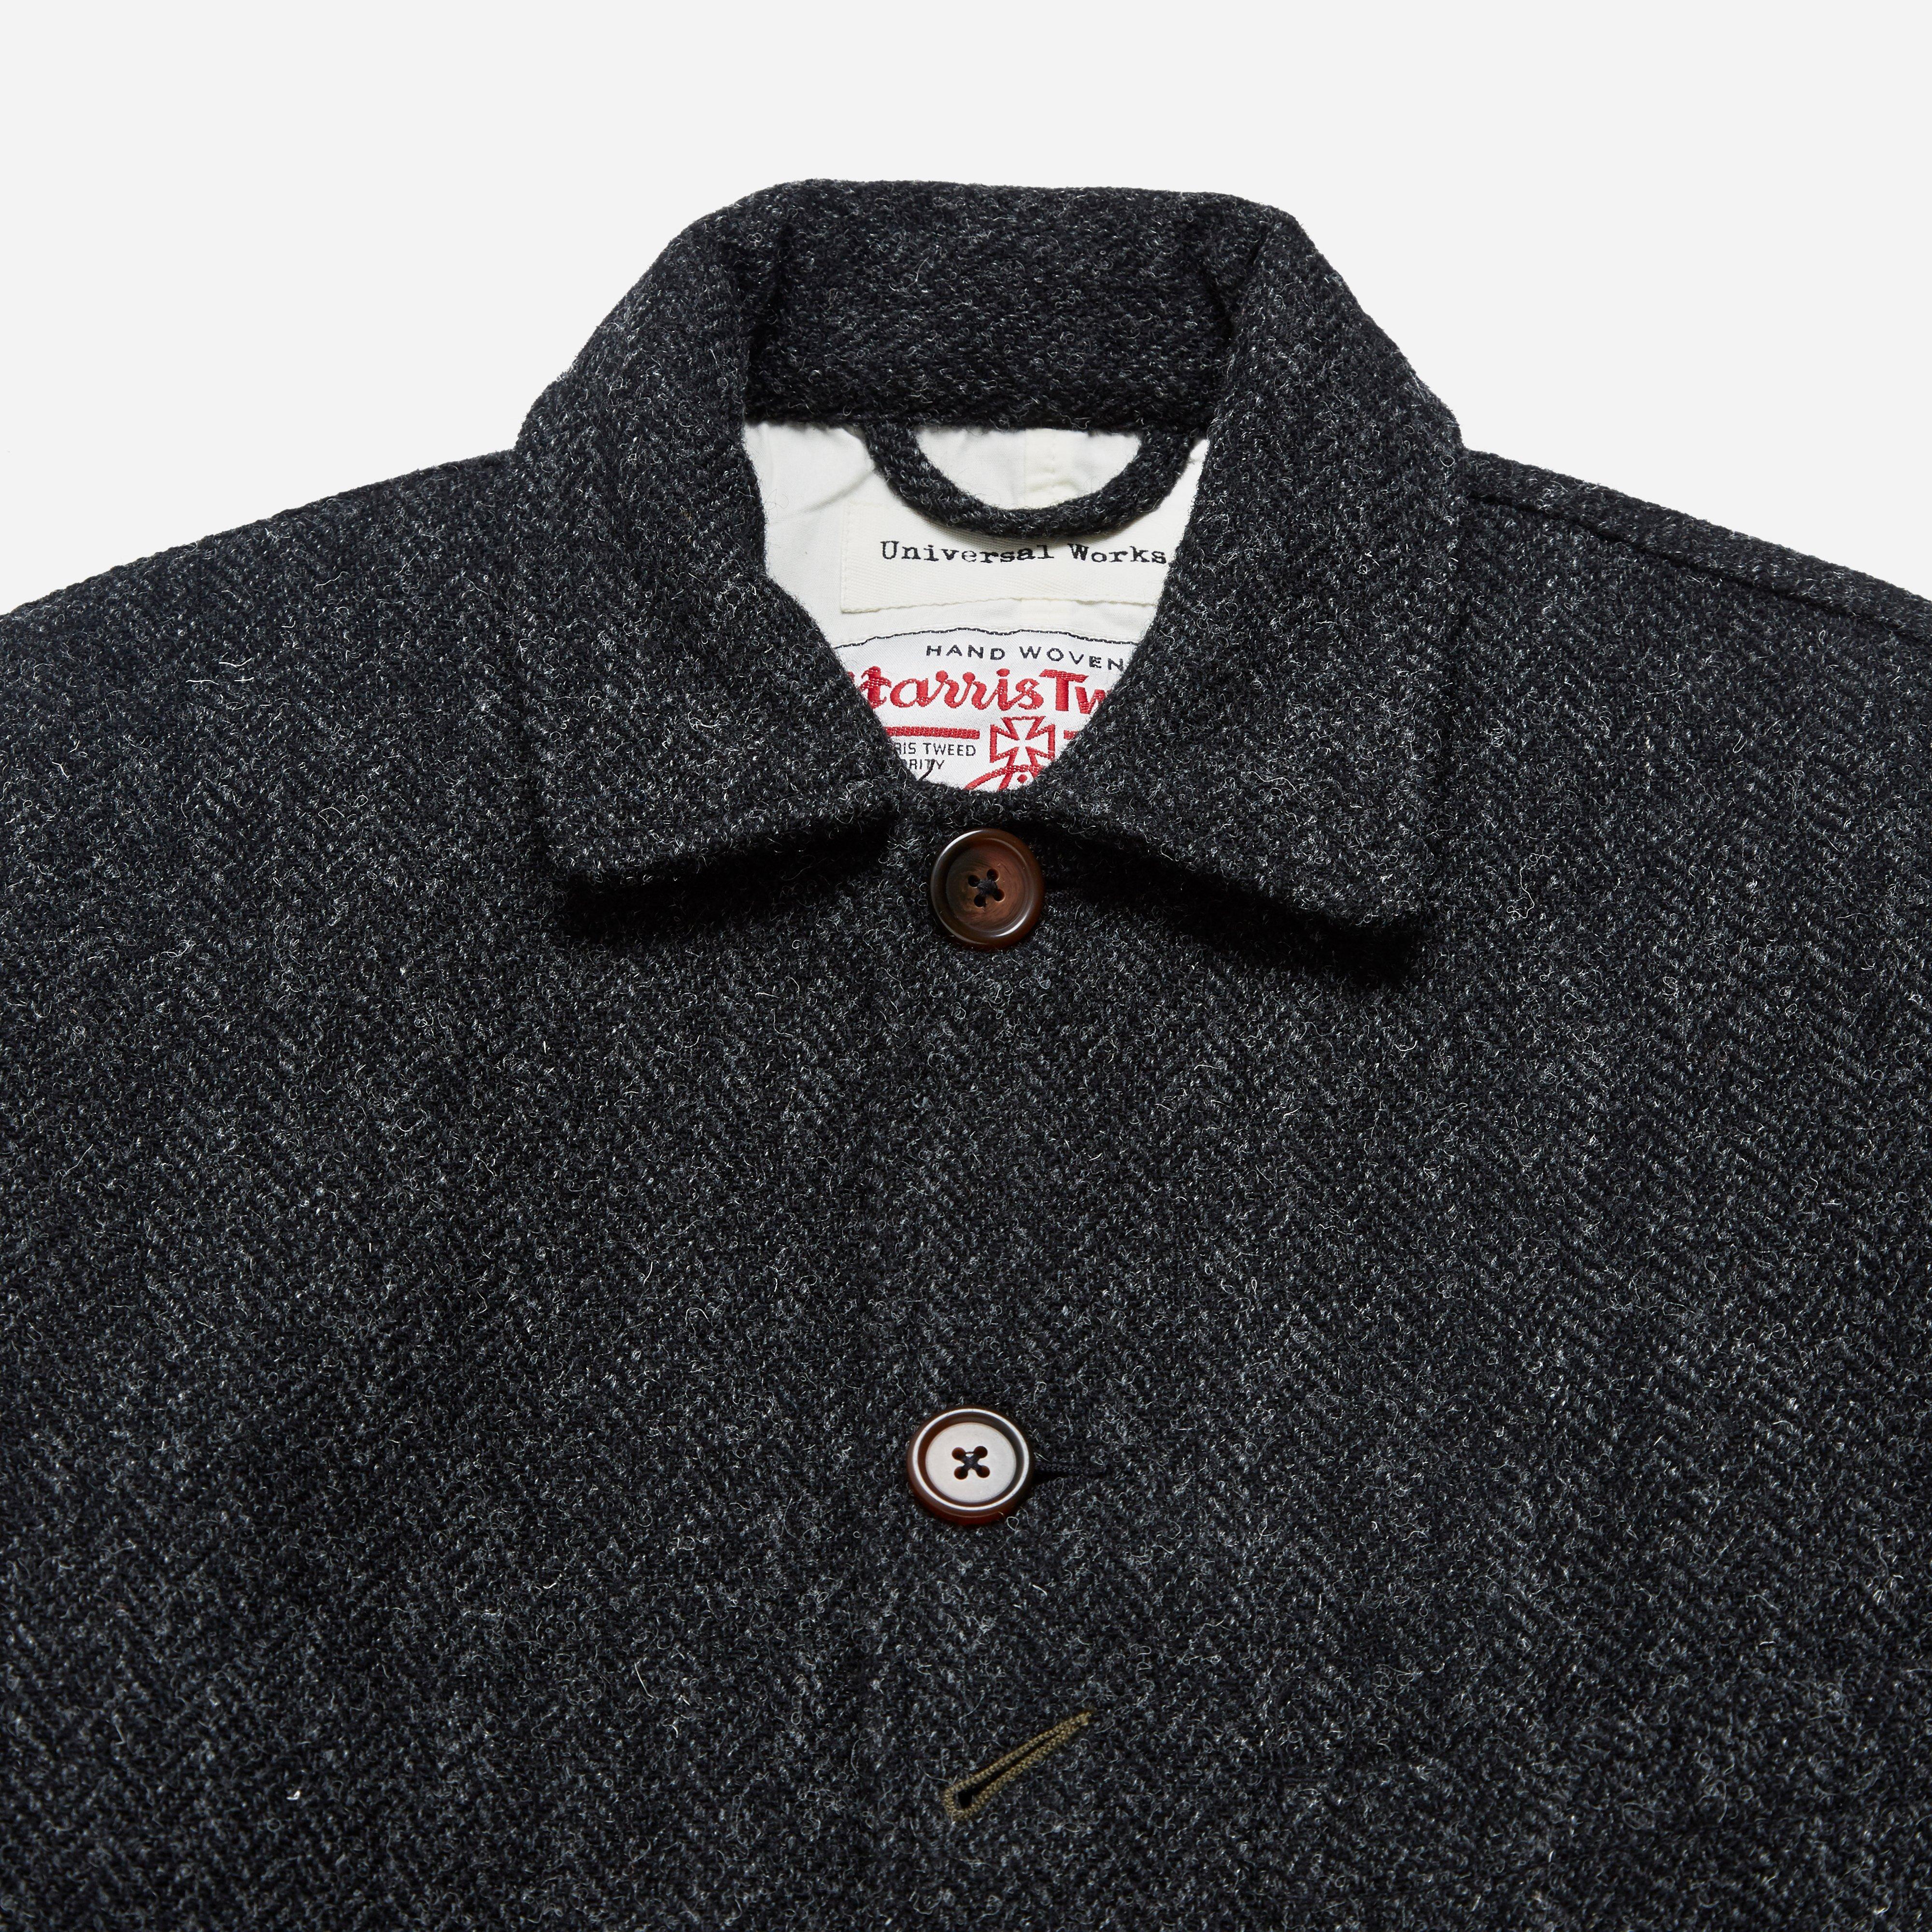 1cdddf928e288 Universal works harris tweed bakers chore jacket for men lyst jpg 4000x4000 Universal  works harris tweed